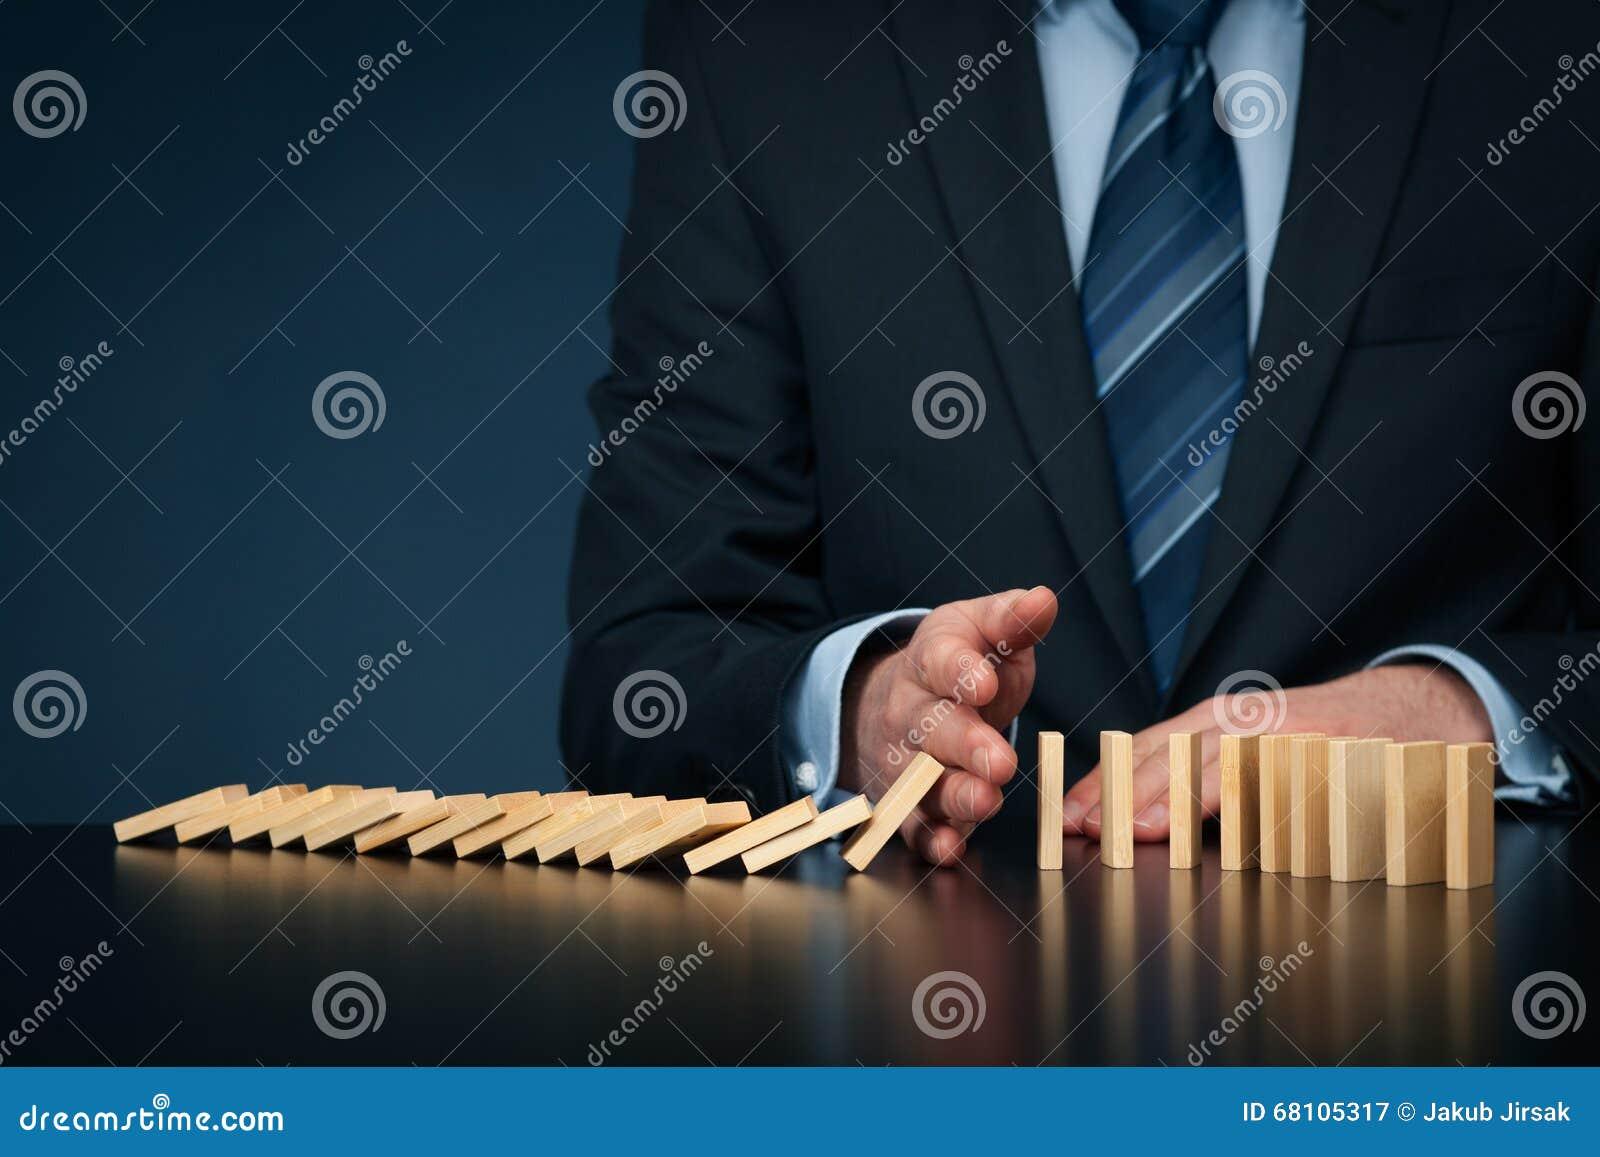 Stoppen Sie Domino-Effekt- und Risikomanagement